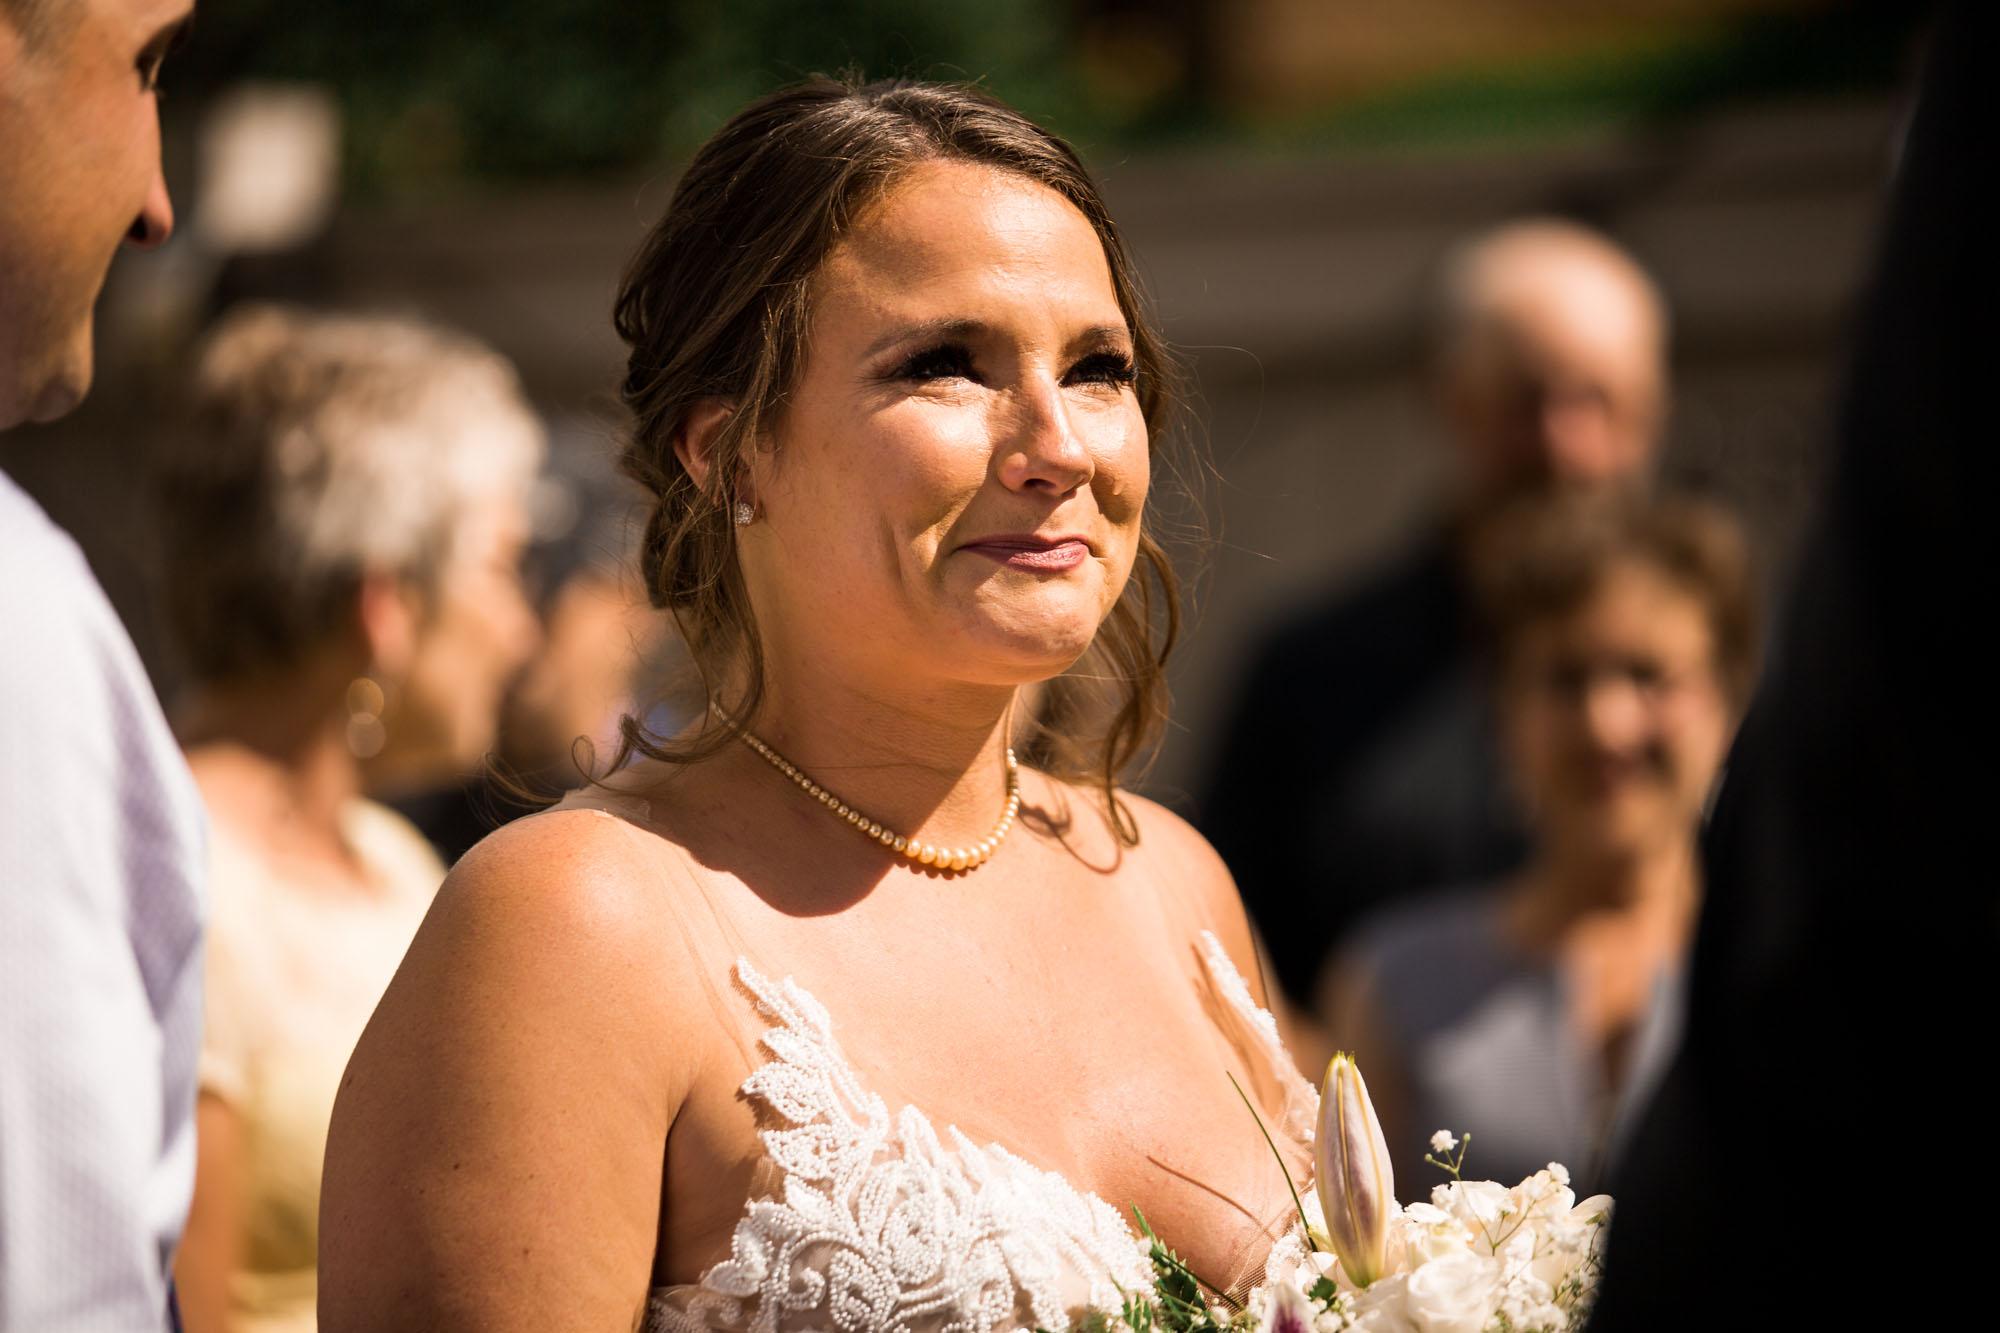 Calgary wedding photographer - backyard wedding inspiration